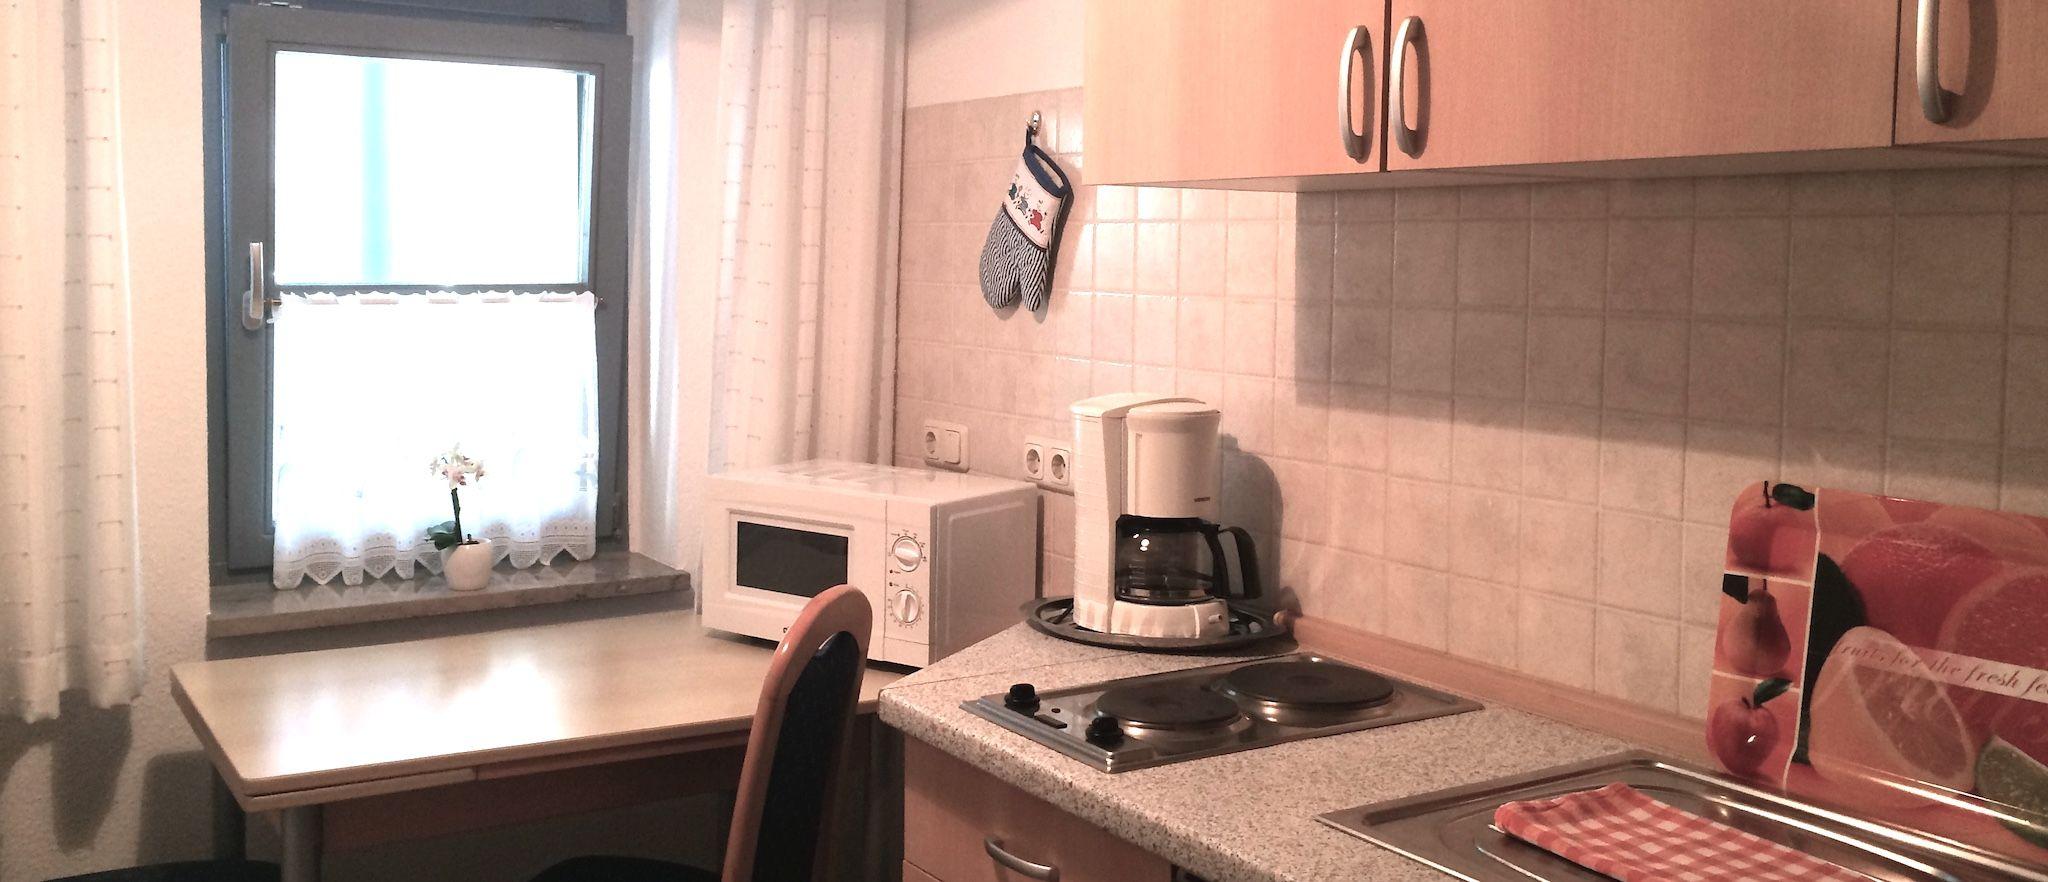 Küche05Site